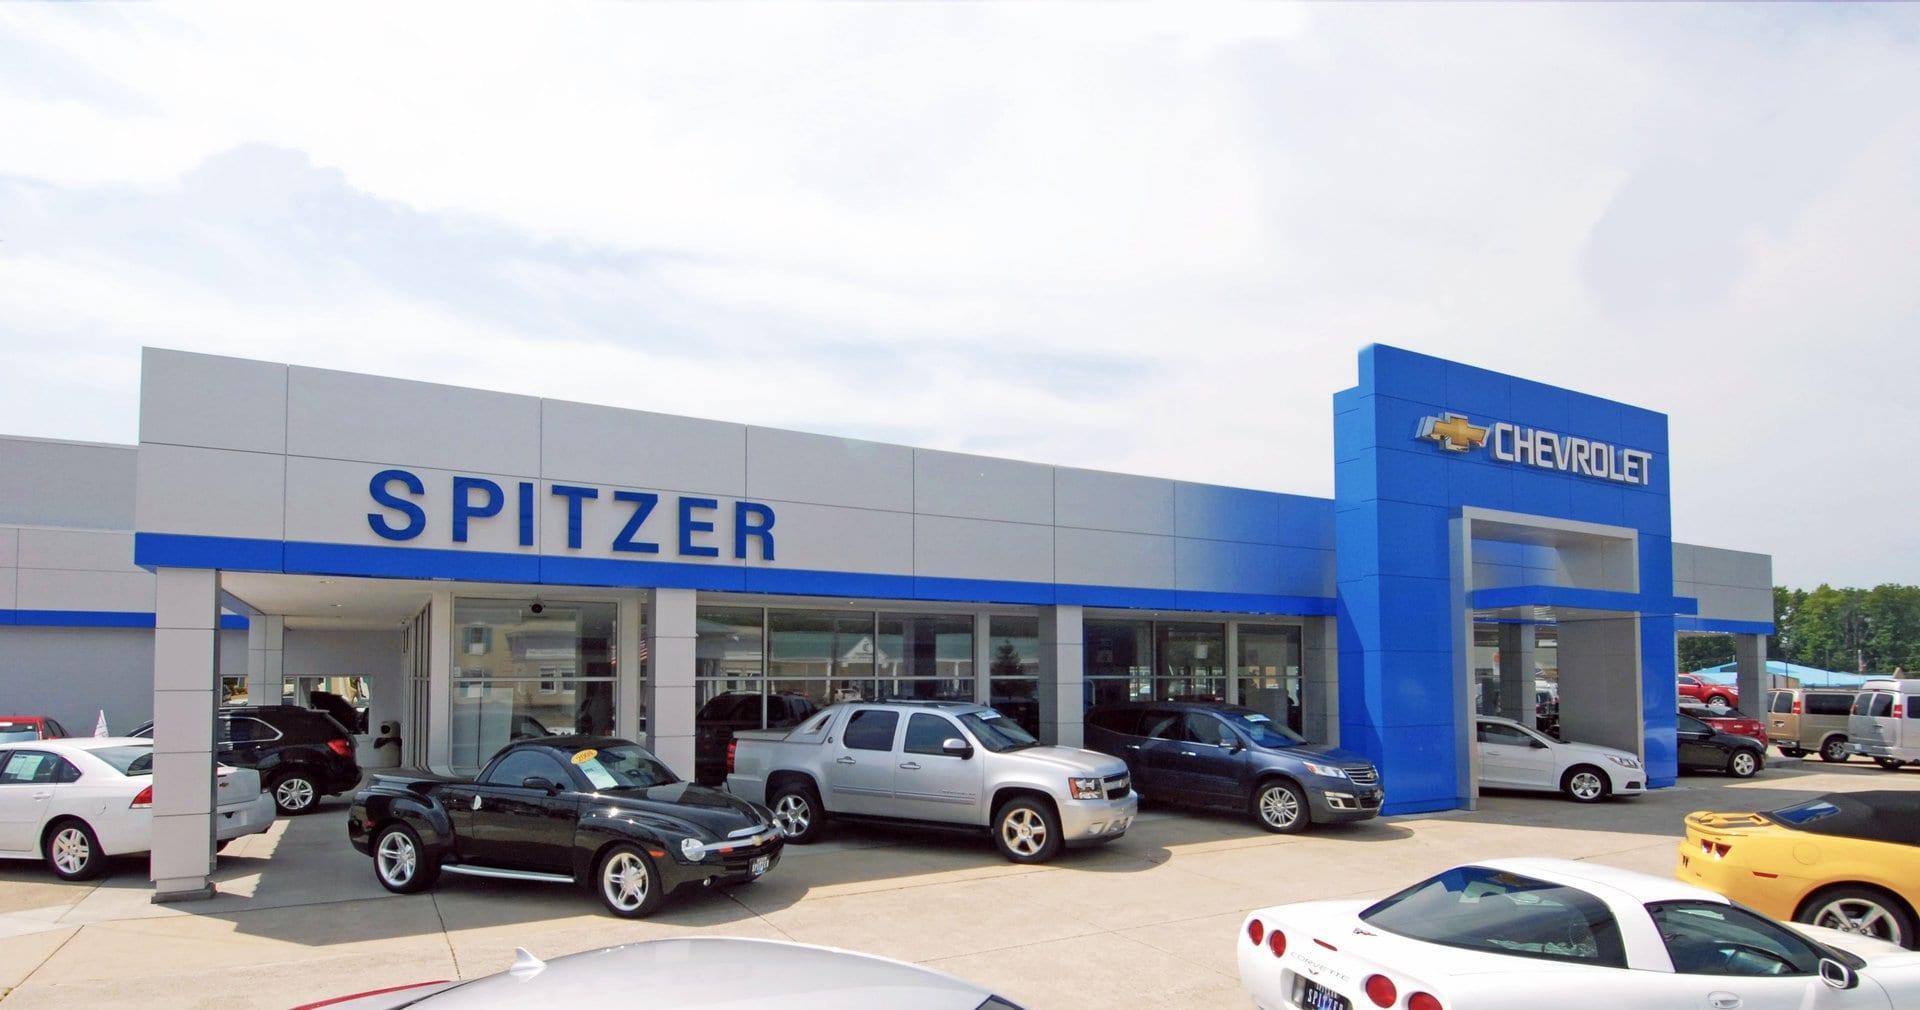 Spitzer Chevrolet « Arkinetics | spitzer chevrolet